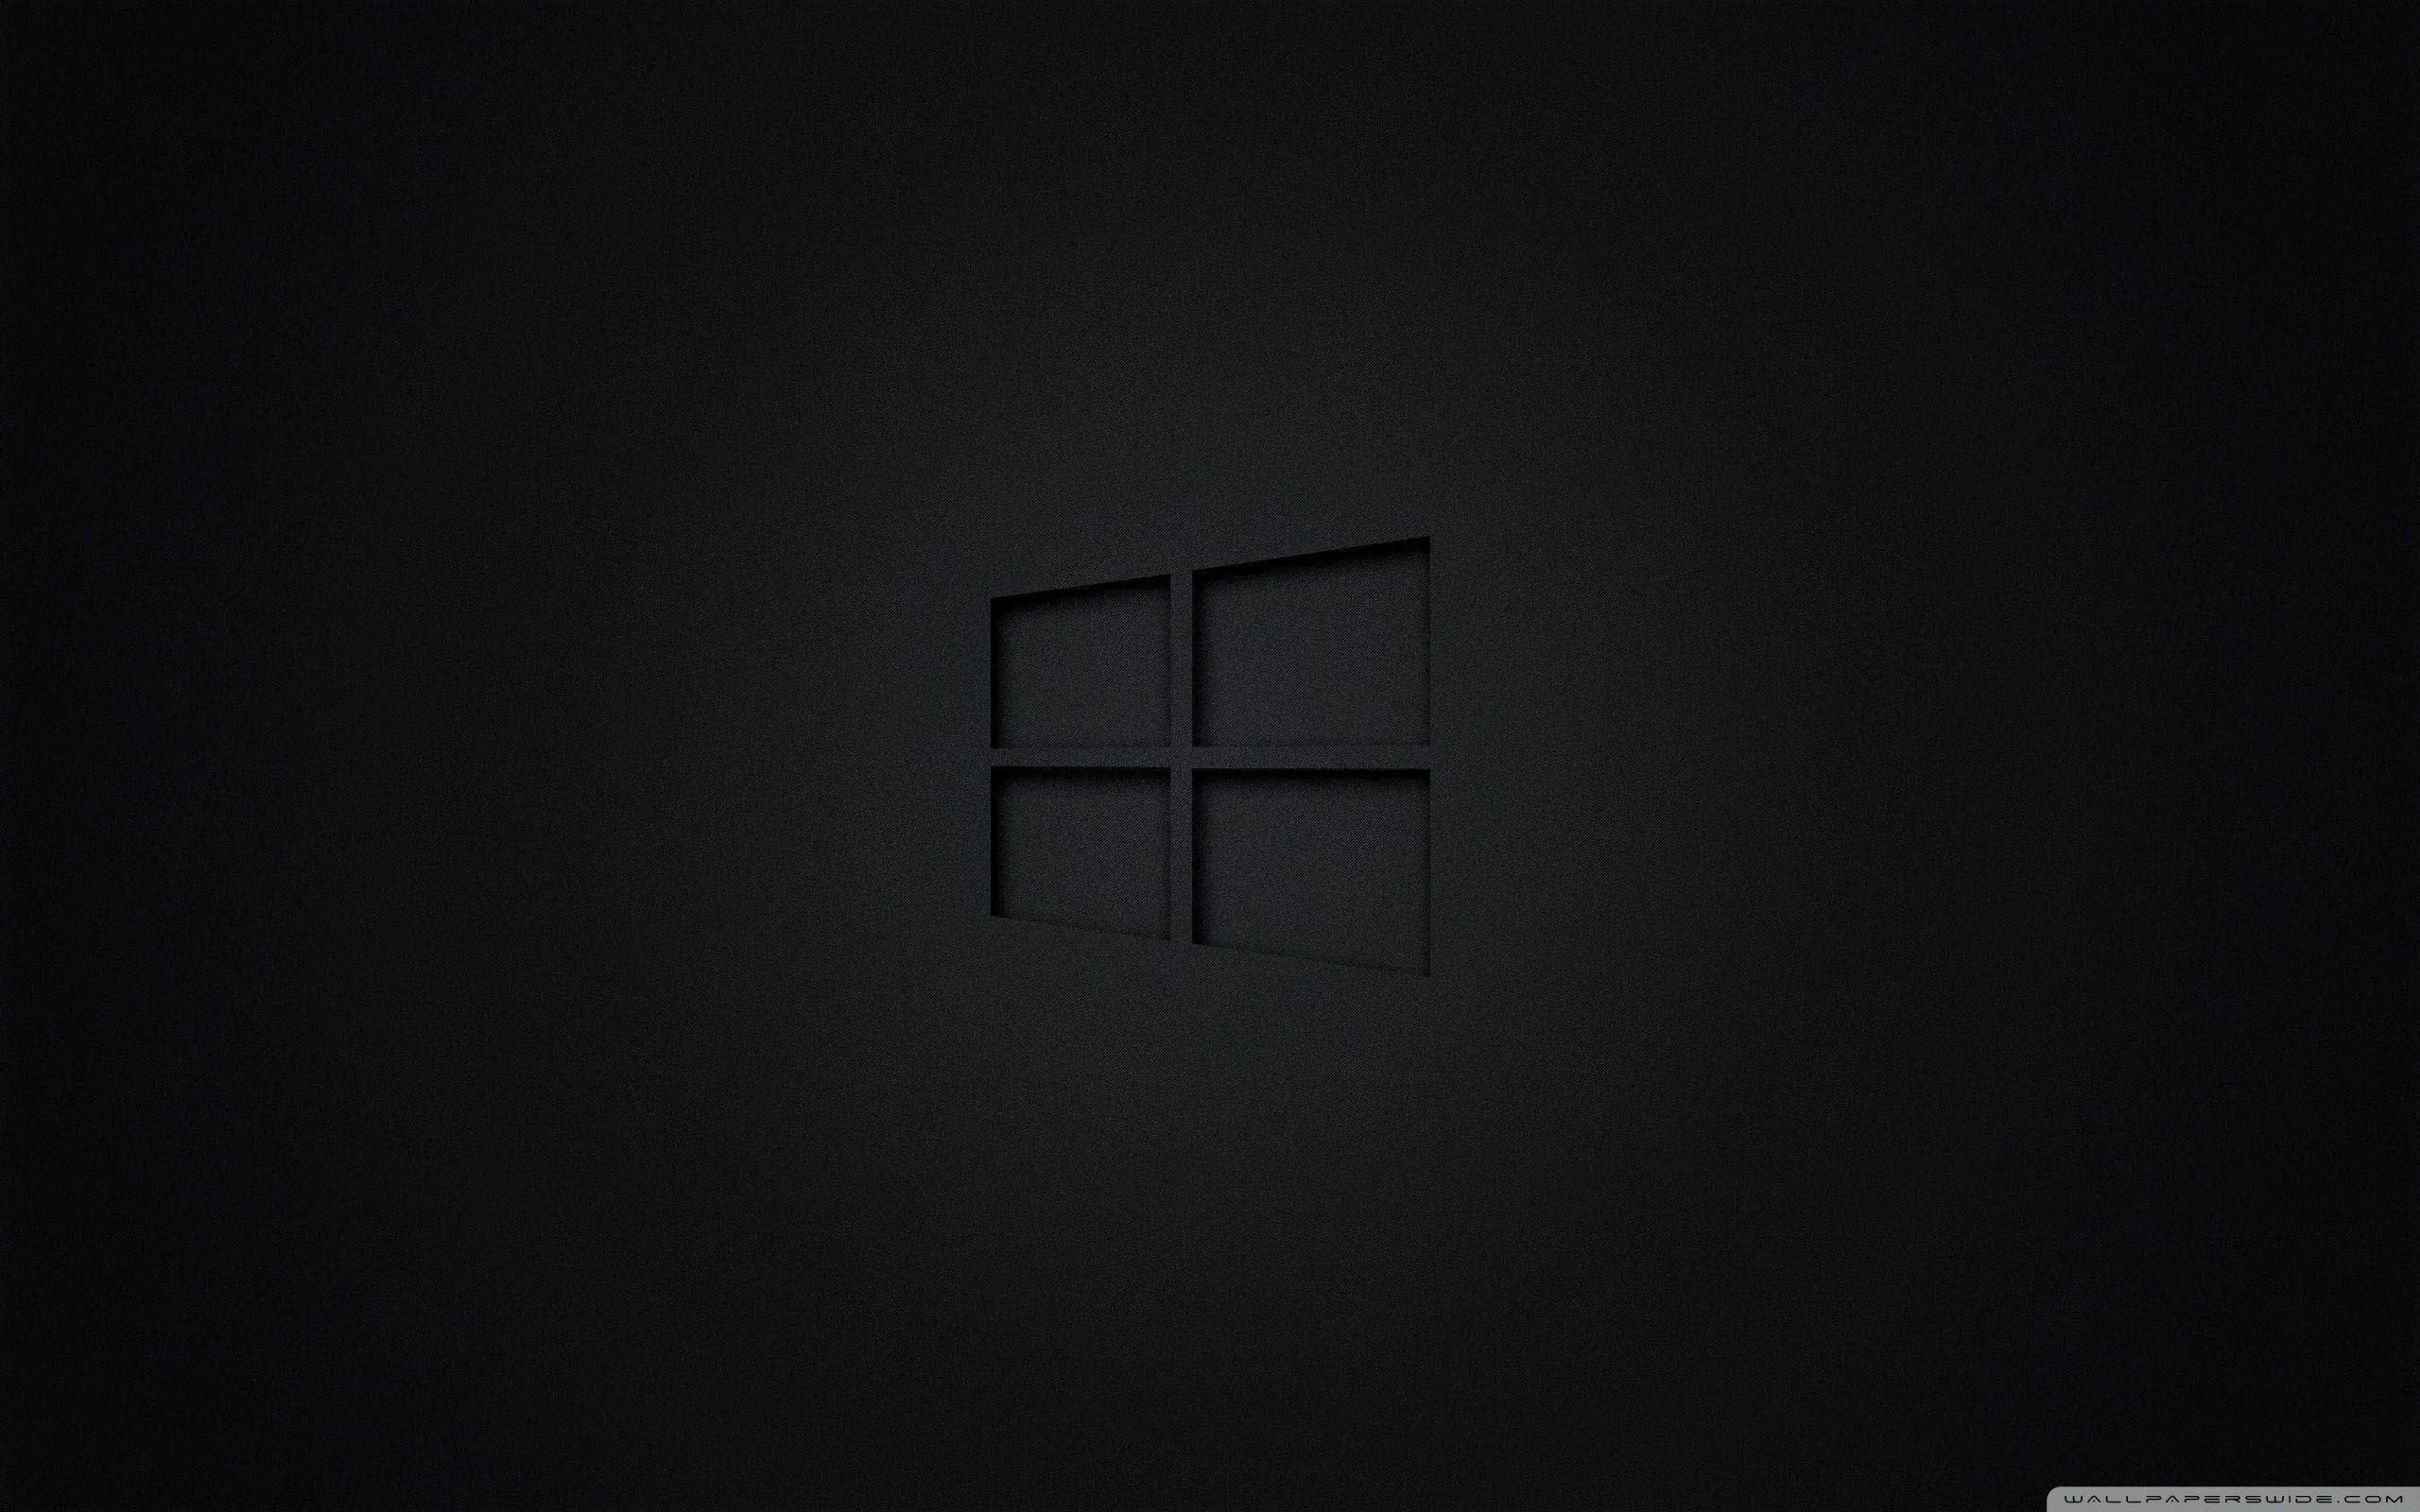 Black Windows Hd Wallpaper Wallpaper Cave